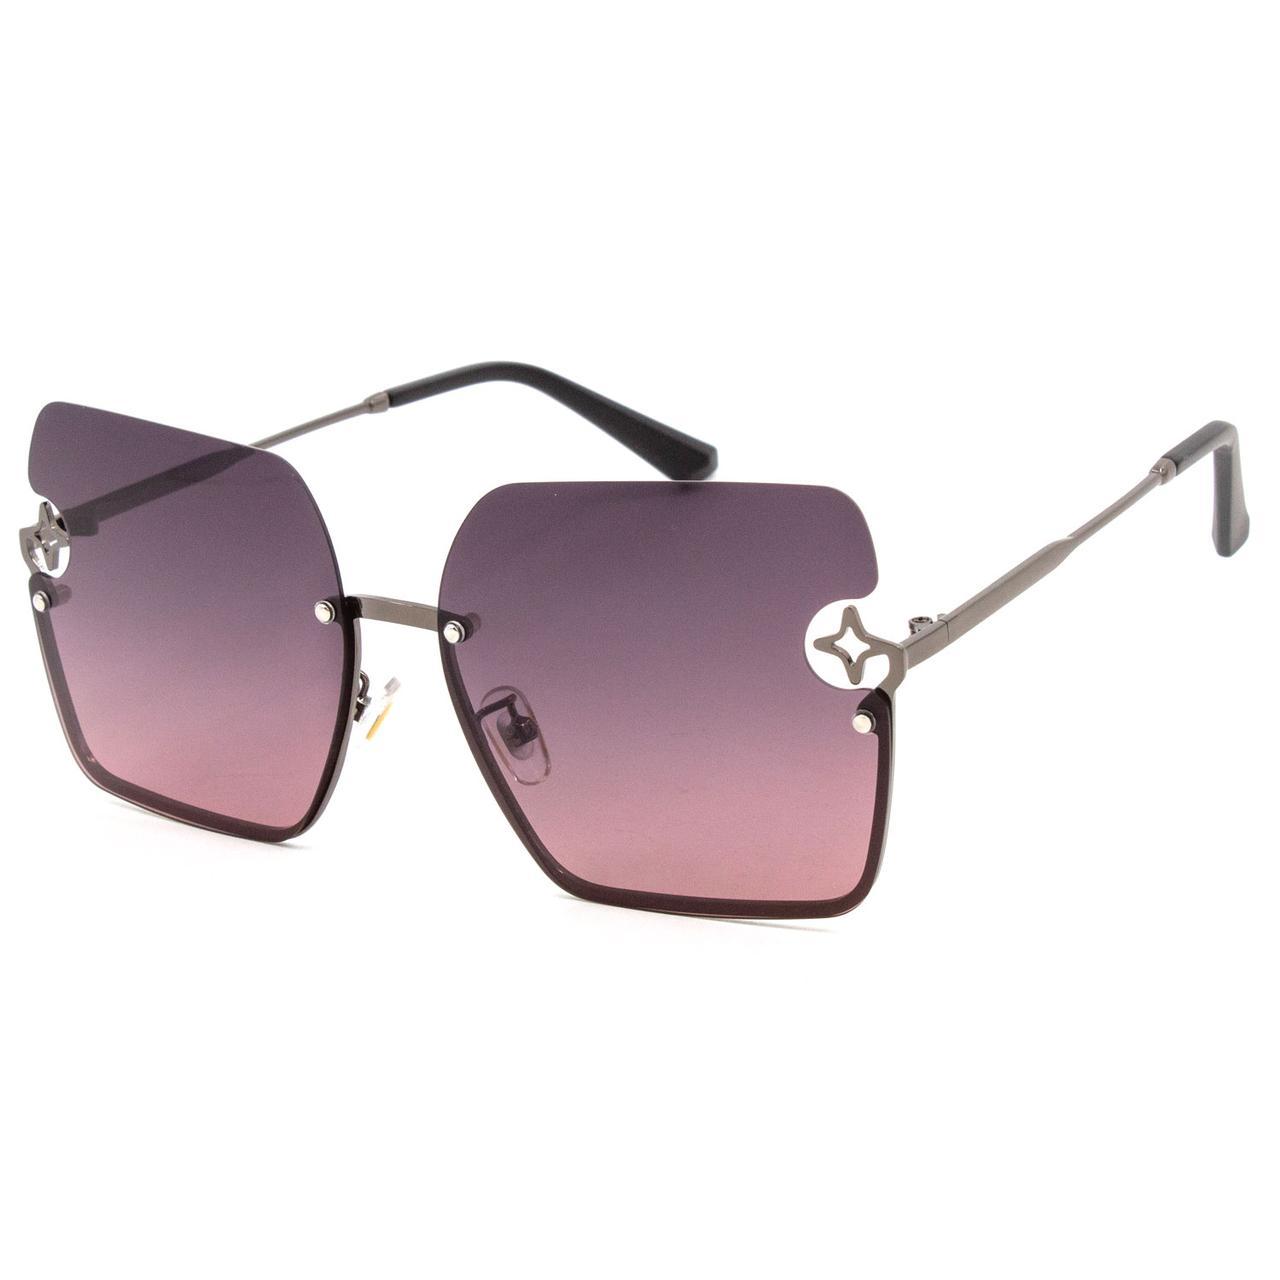 Солнцезащитные очки Marmilen Polar 6380 C4 черные    ( 6380-04 )